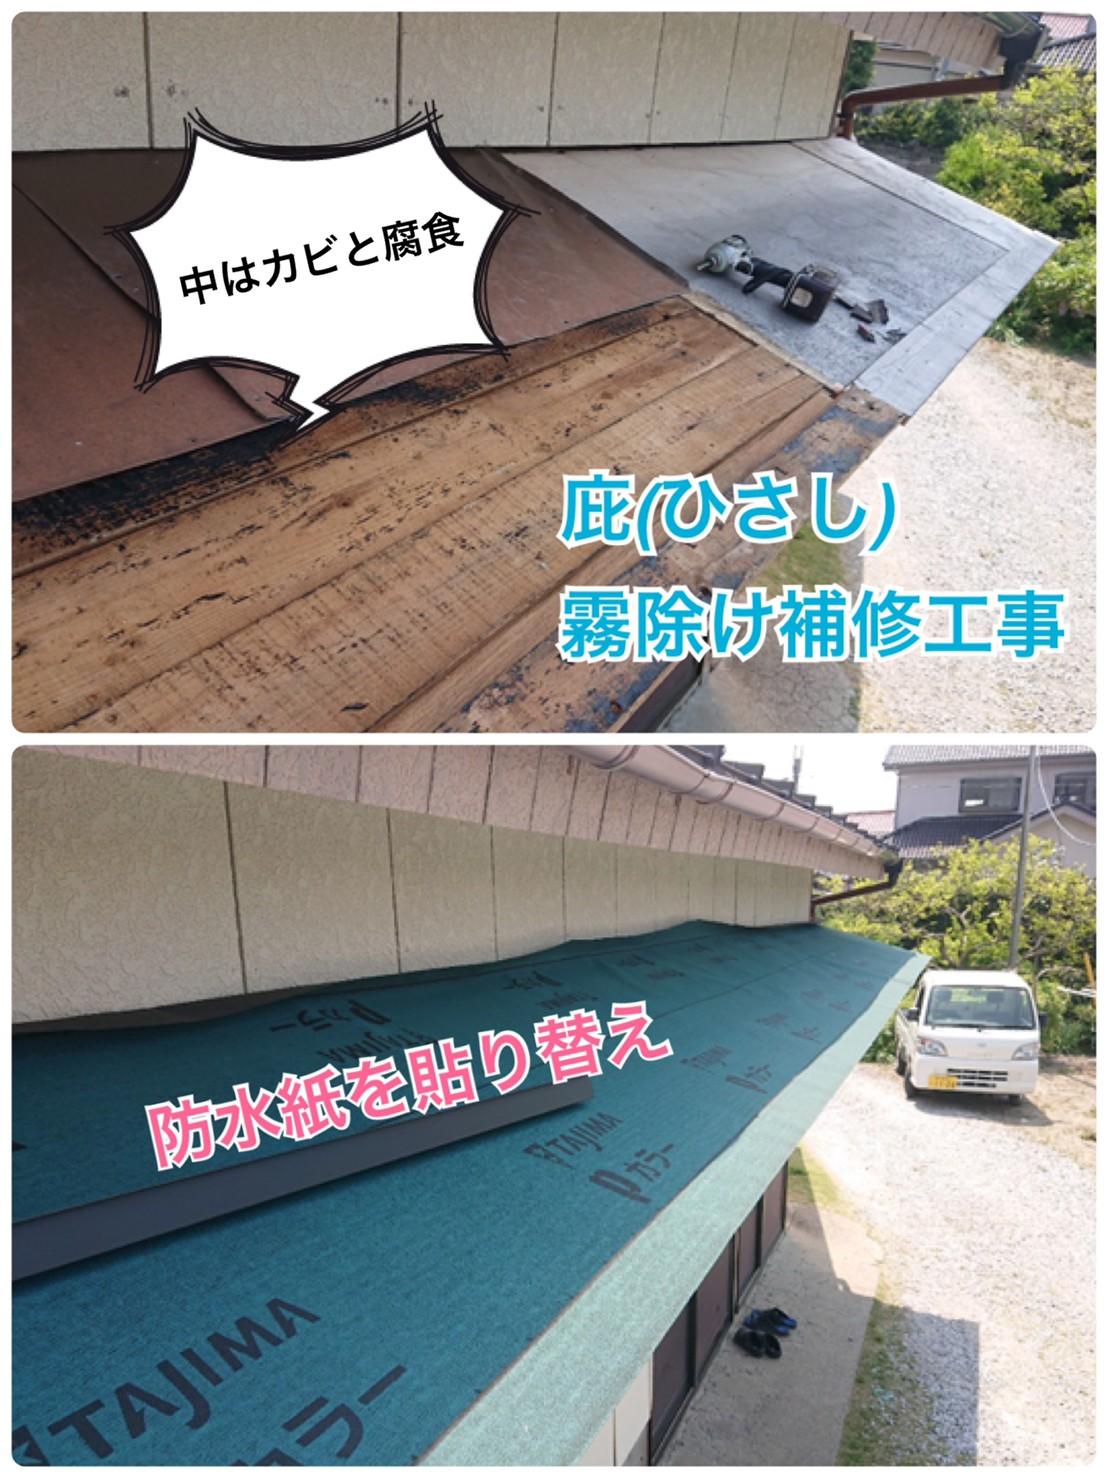 屋根・庇(霧除け)の補修工事